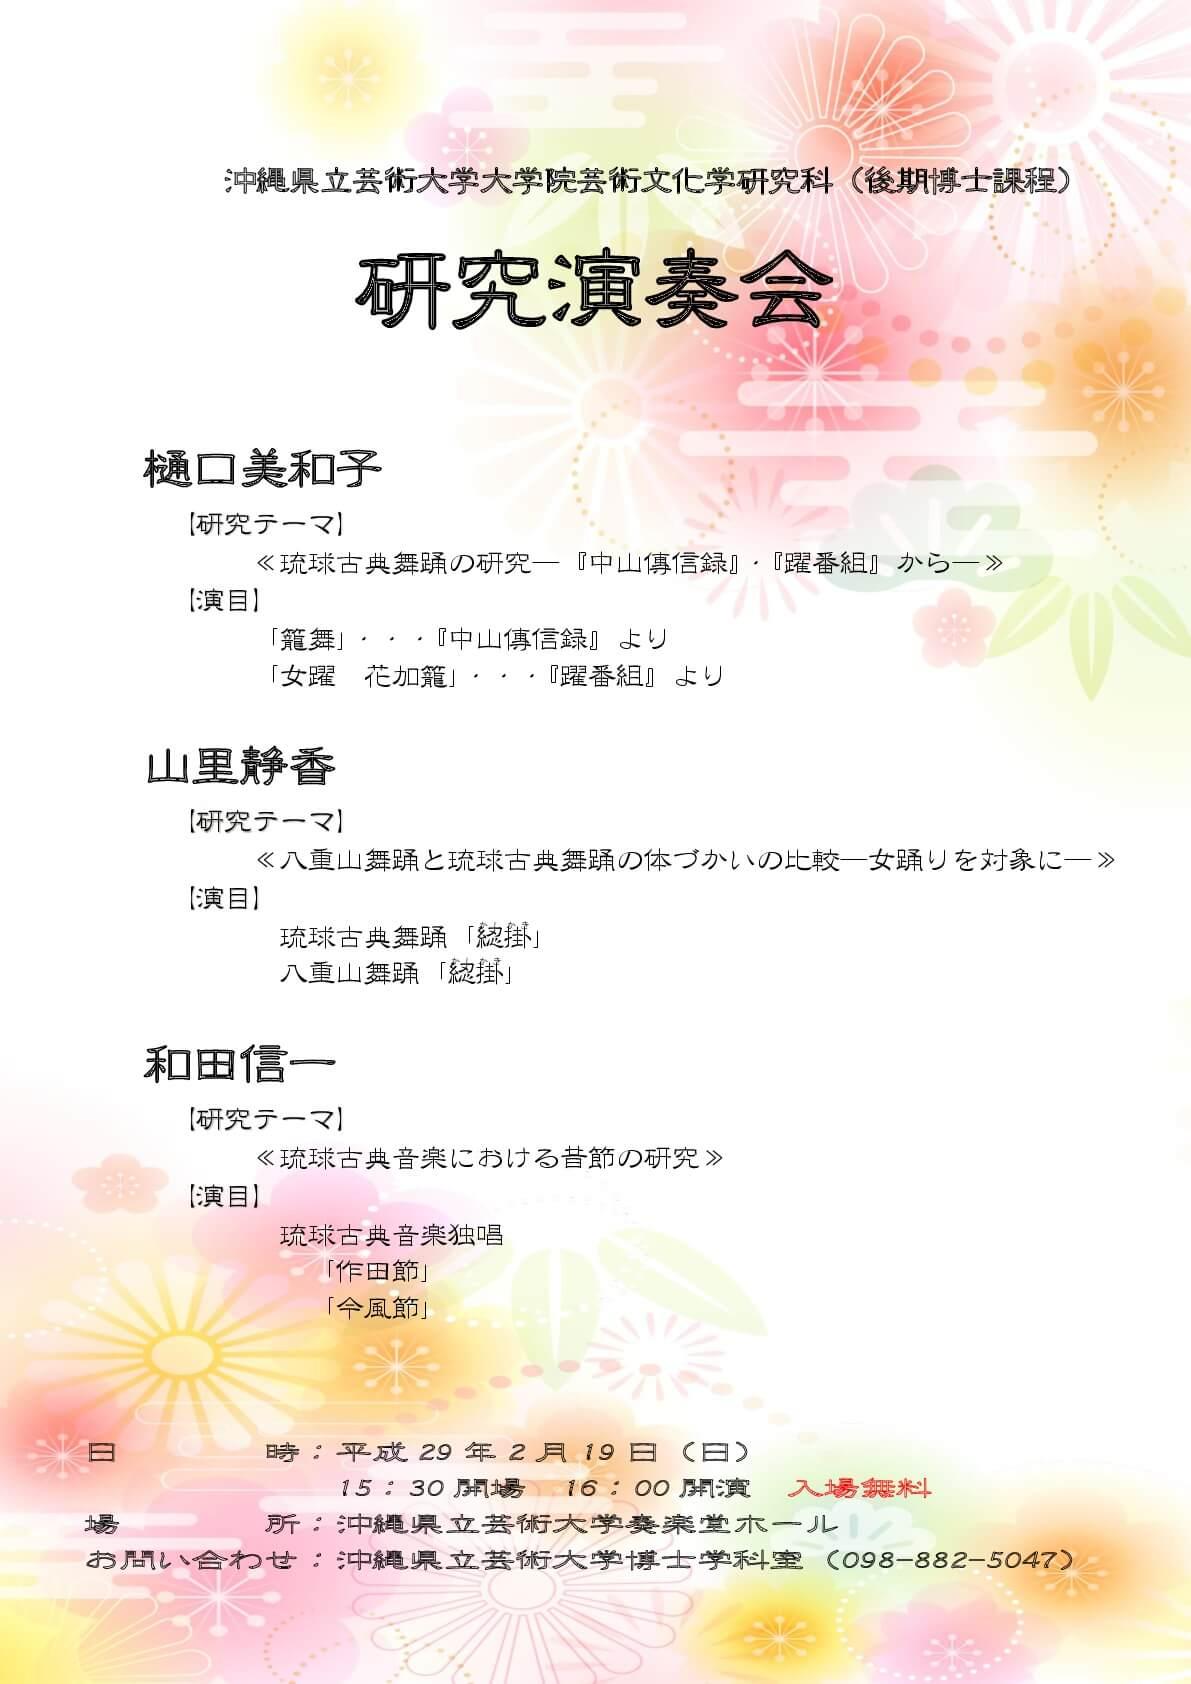 樋口美和子 山里静香 和田信一 研究演奏会を開催